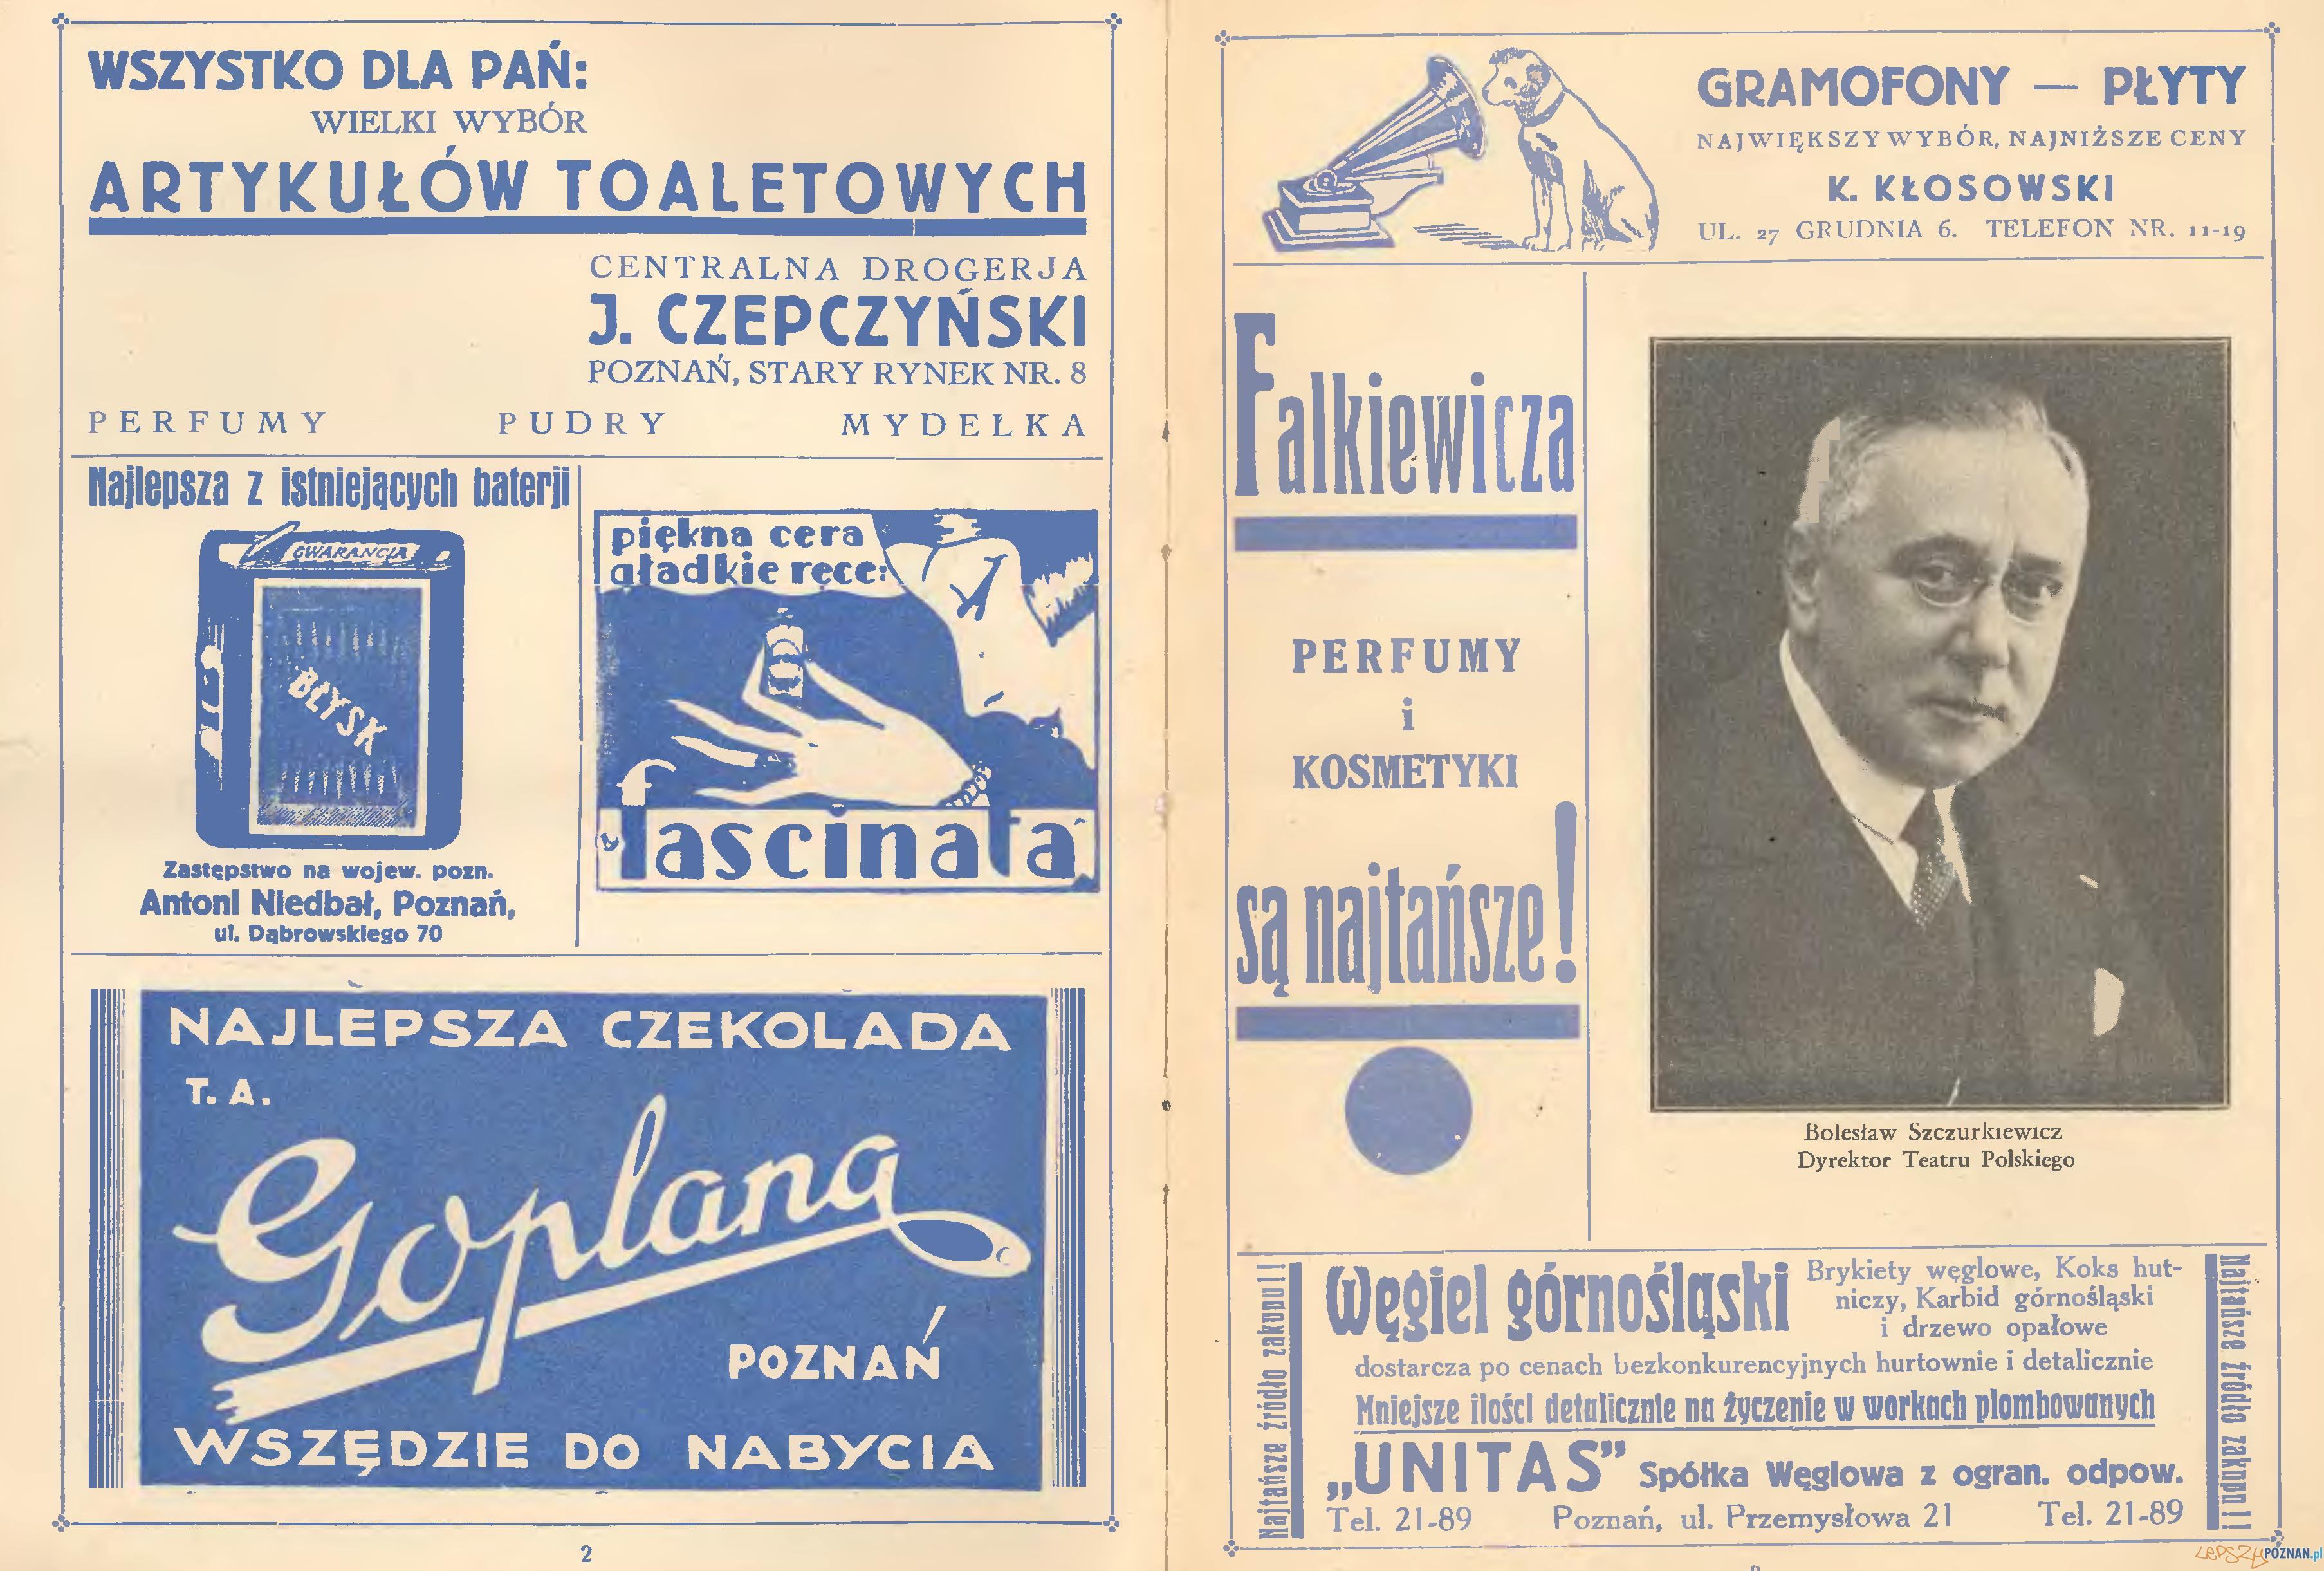 Fragment programu Teatru Polskiego, dyrekcja Bolesław Szczurkiewicz, rok 1932 Foto: Wielkopolska Biblioteka Cyfrowa